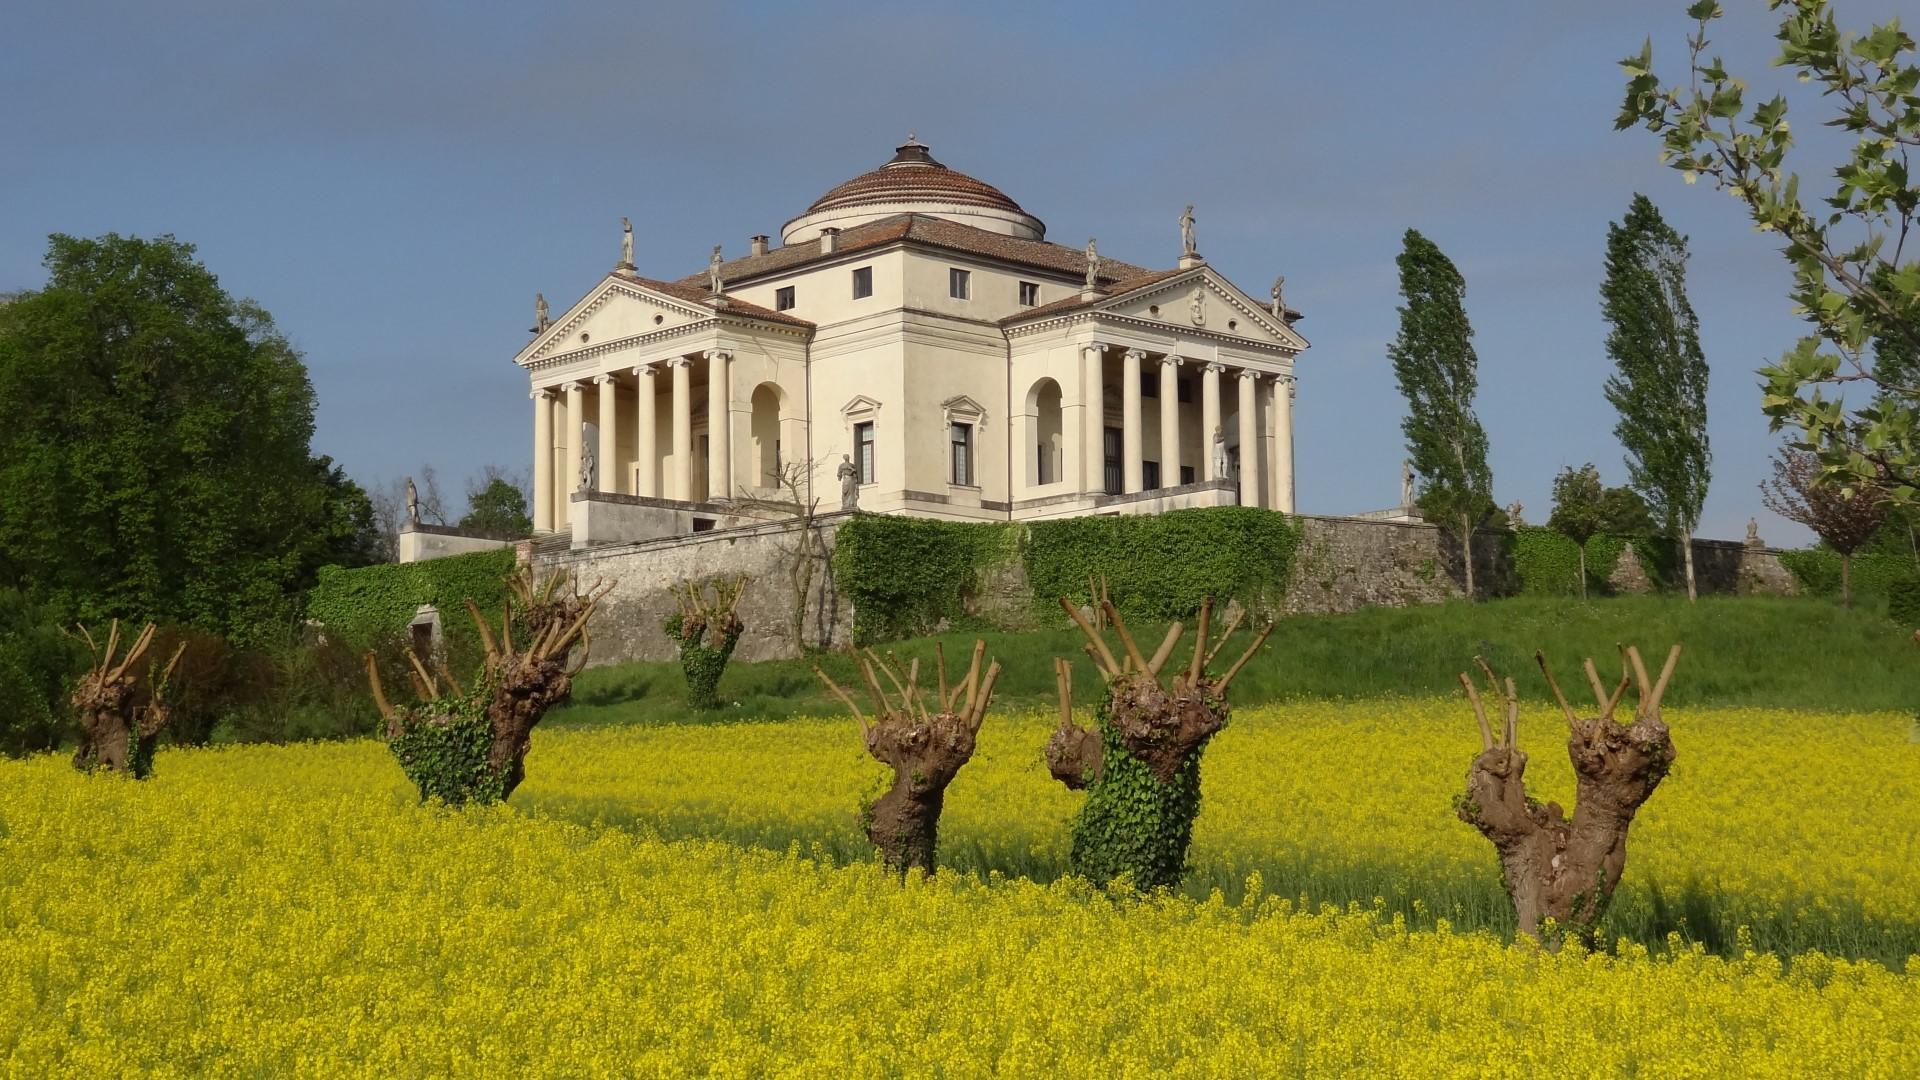 Alla scoperta delle ville del Palladio in provincia di Vicenza